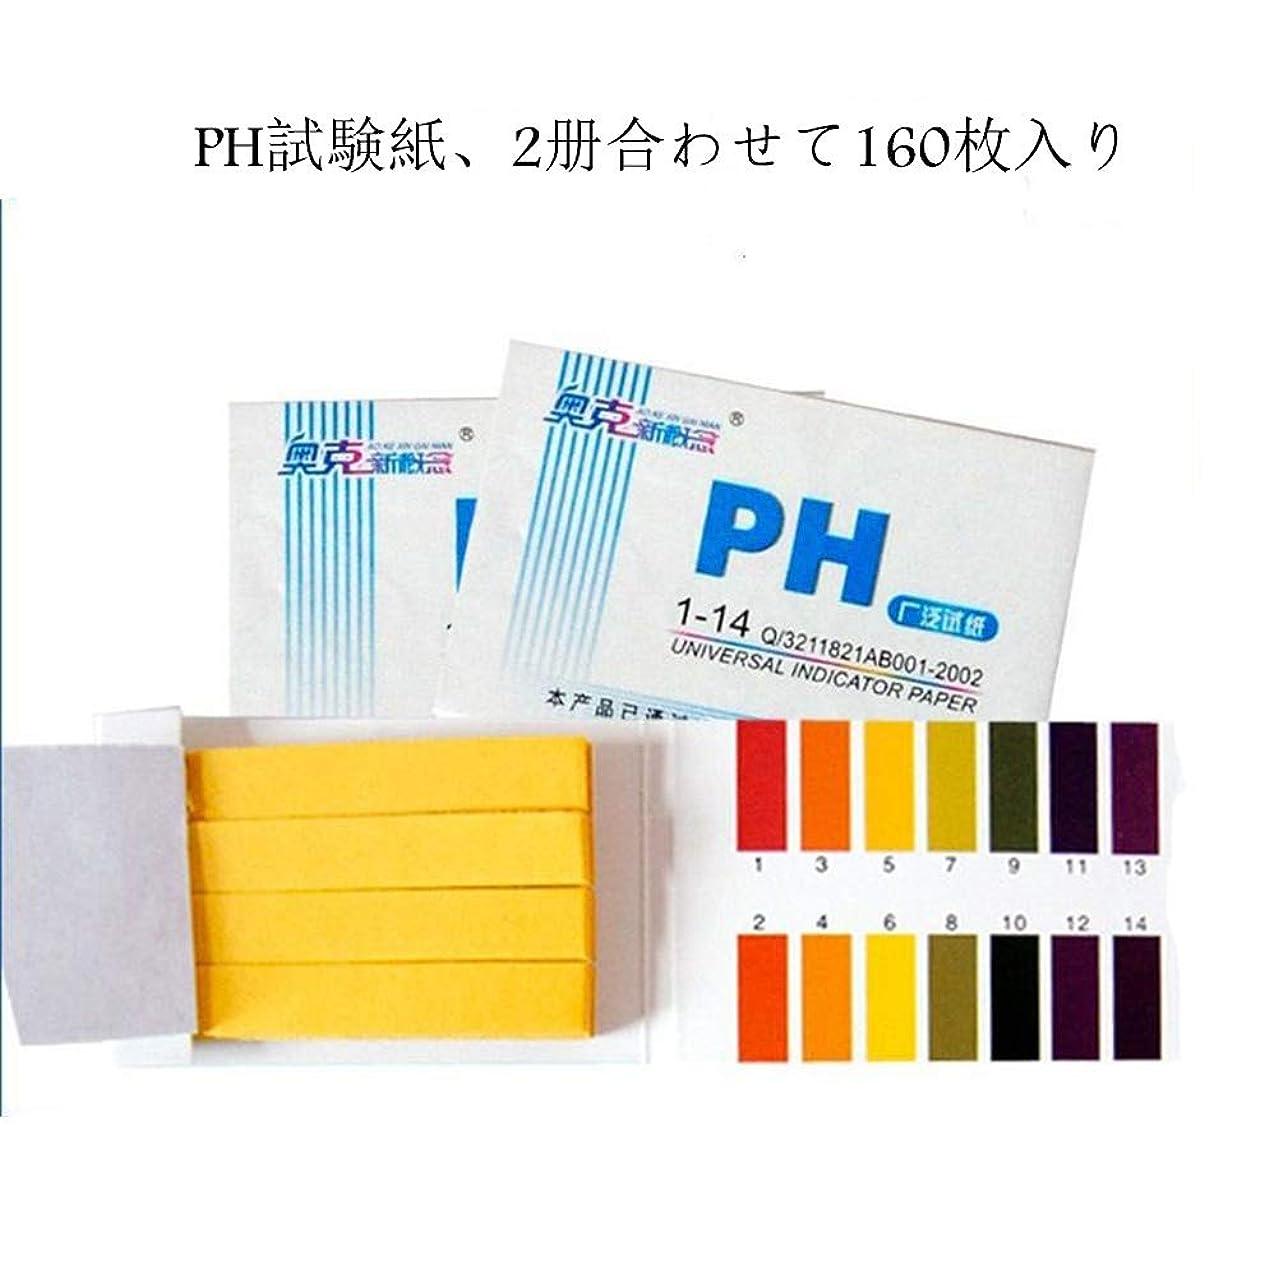 タヒチ好奇心必要とするPH試紙 、PH1-14試験紙、Molica 2册合わせて160枚入りPH試紙、尿検査PH、 水質検査 、土質検査、果物、化粧品 、生活用品 、理科実験など